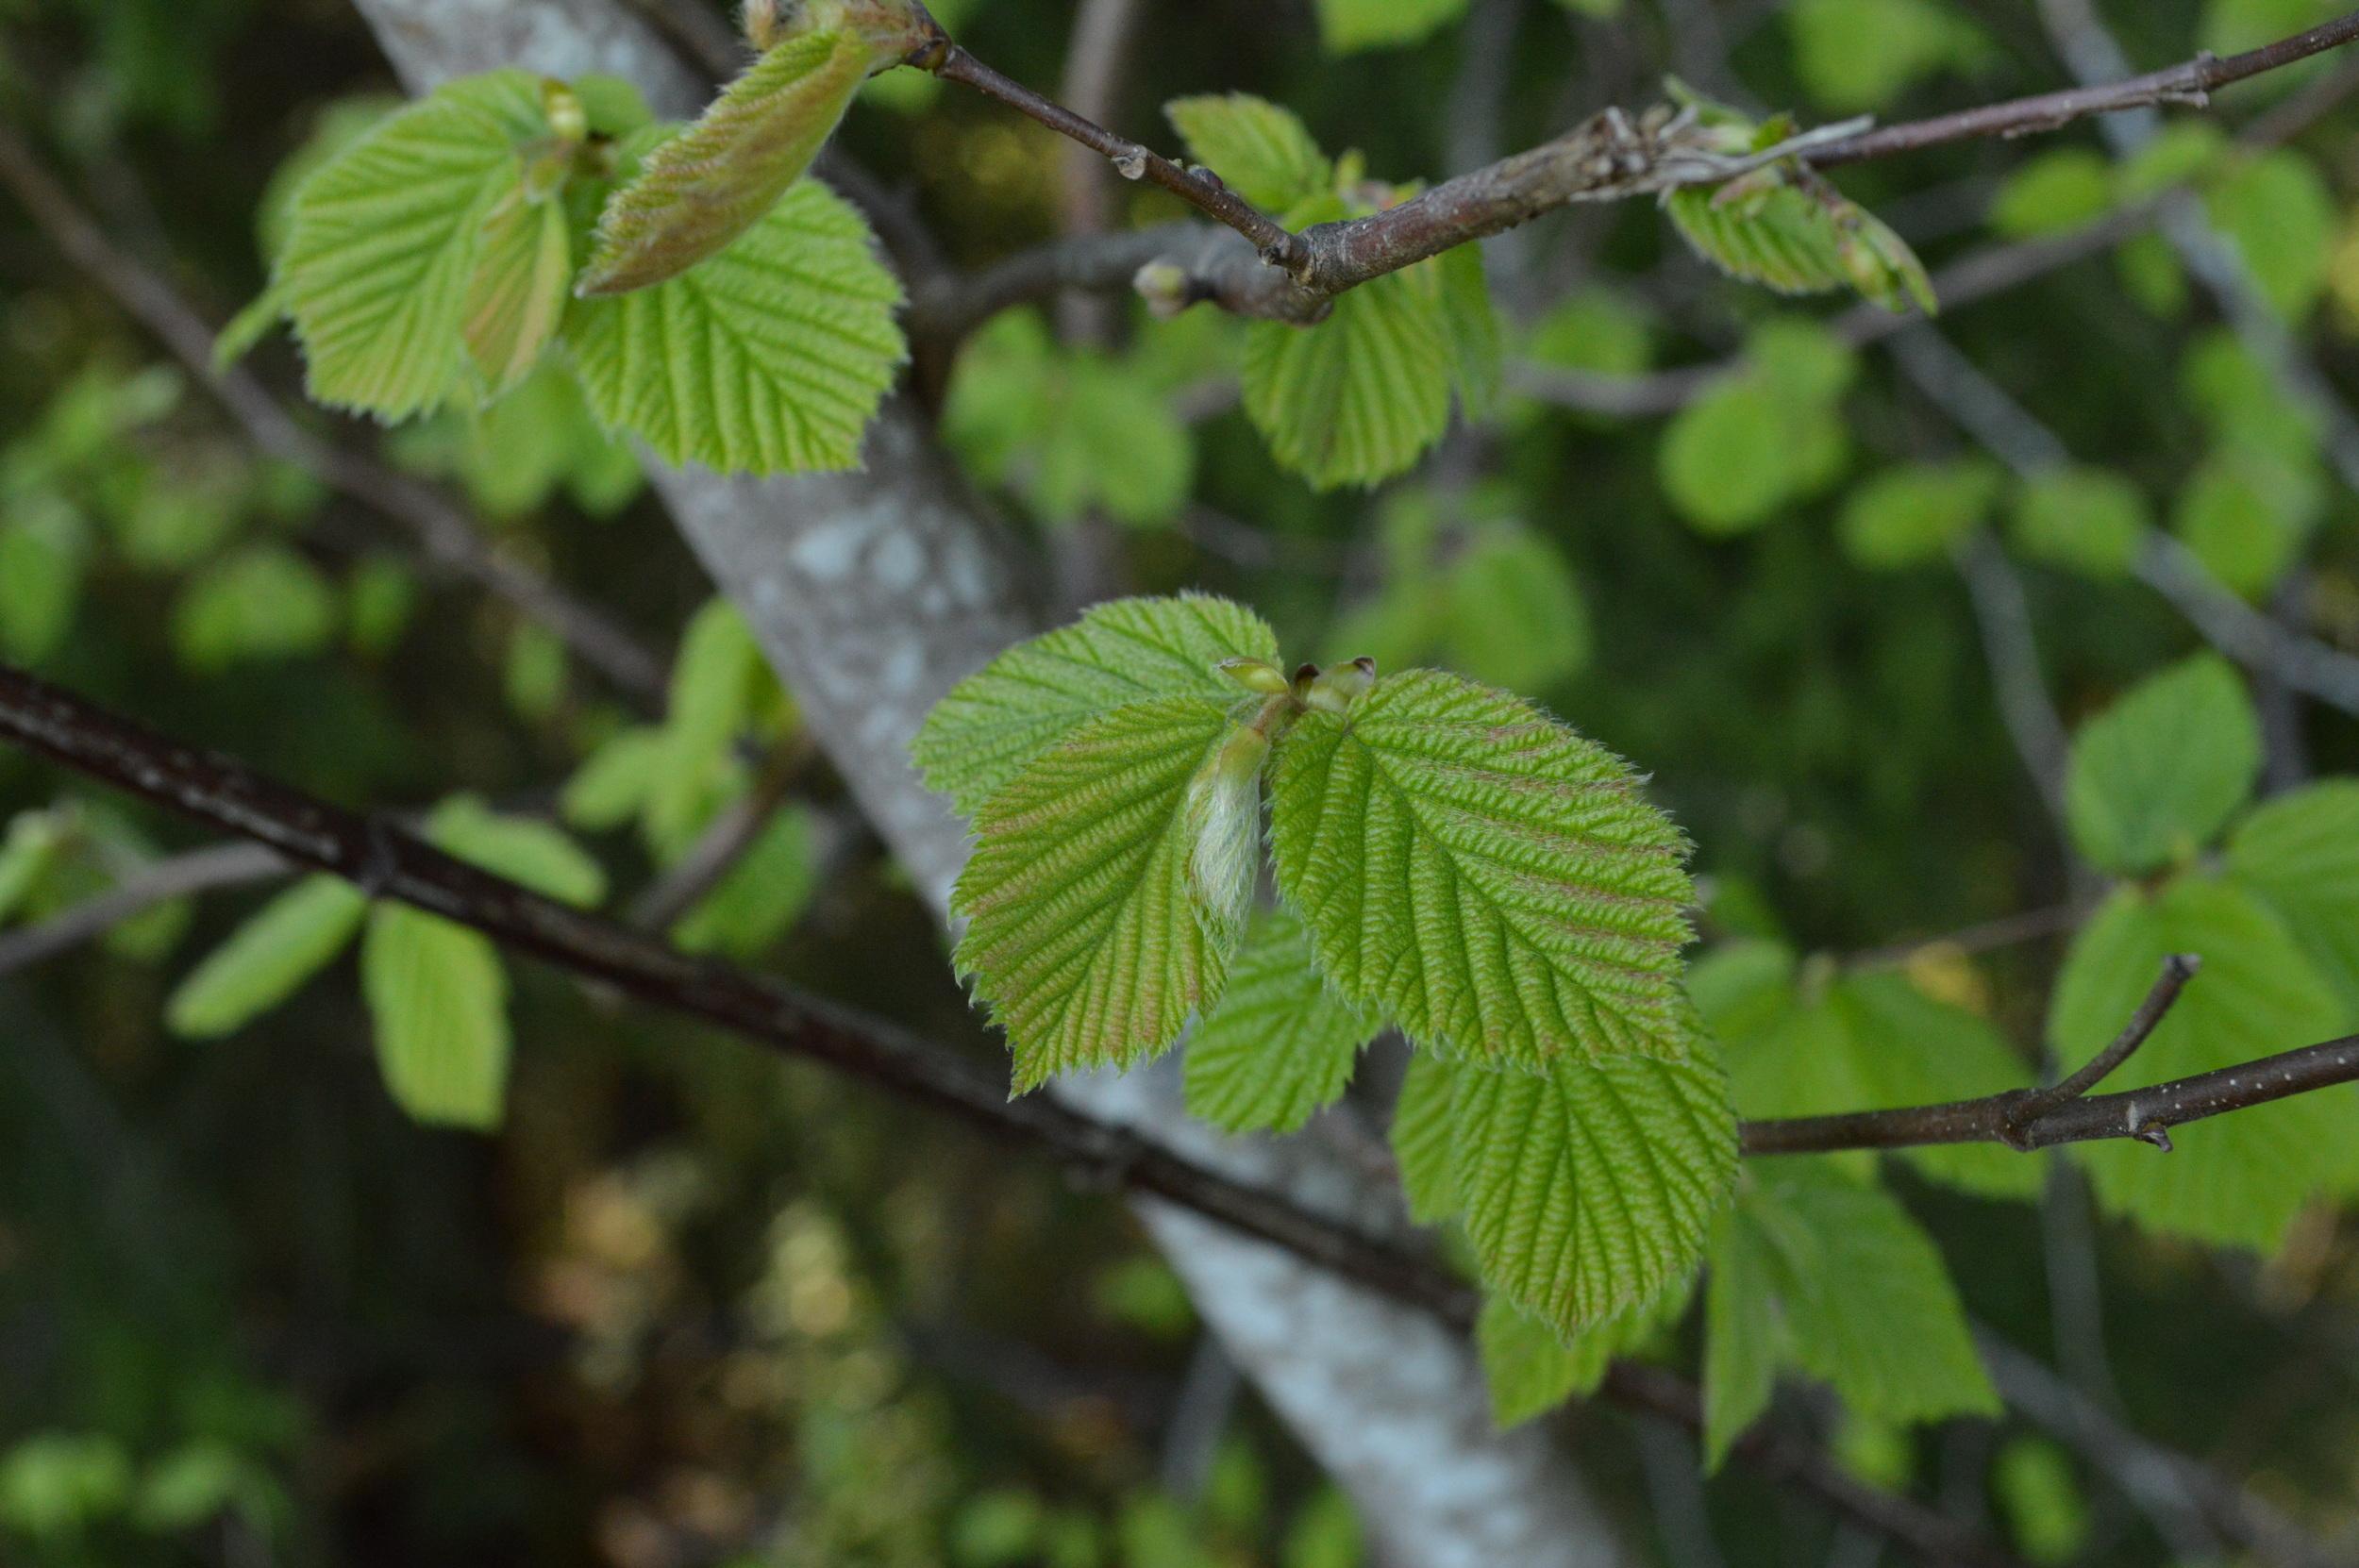 The emerging springtime leaves of a sitka alder tree, a smaller, shrubbier alder with multiple trunks.